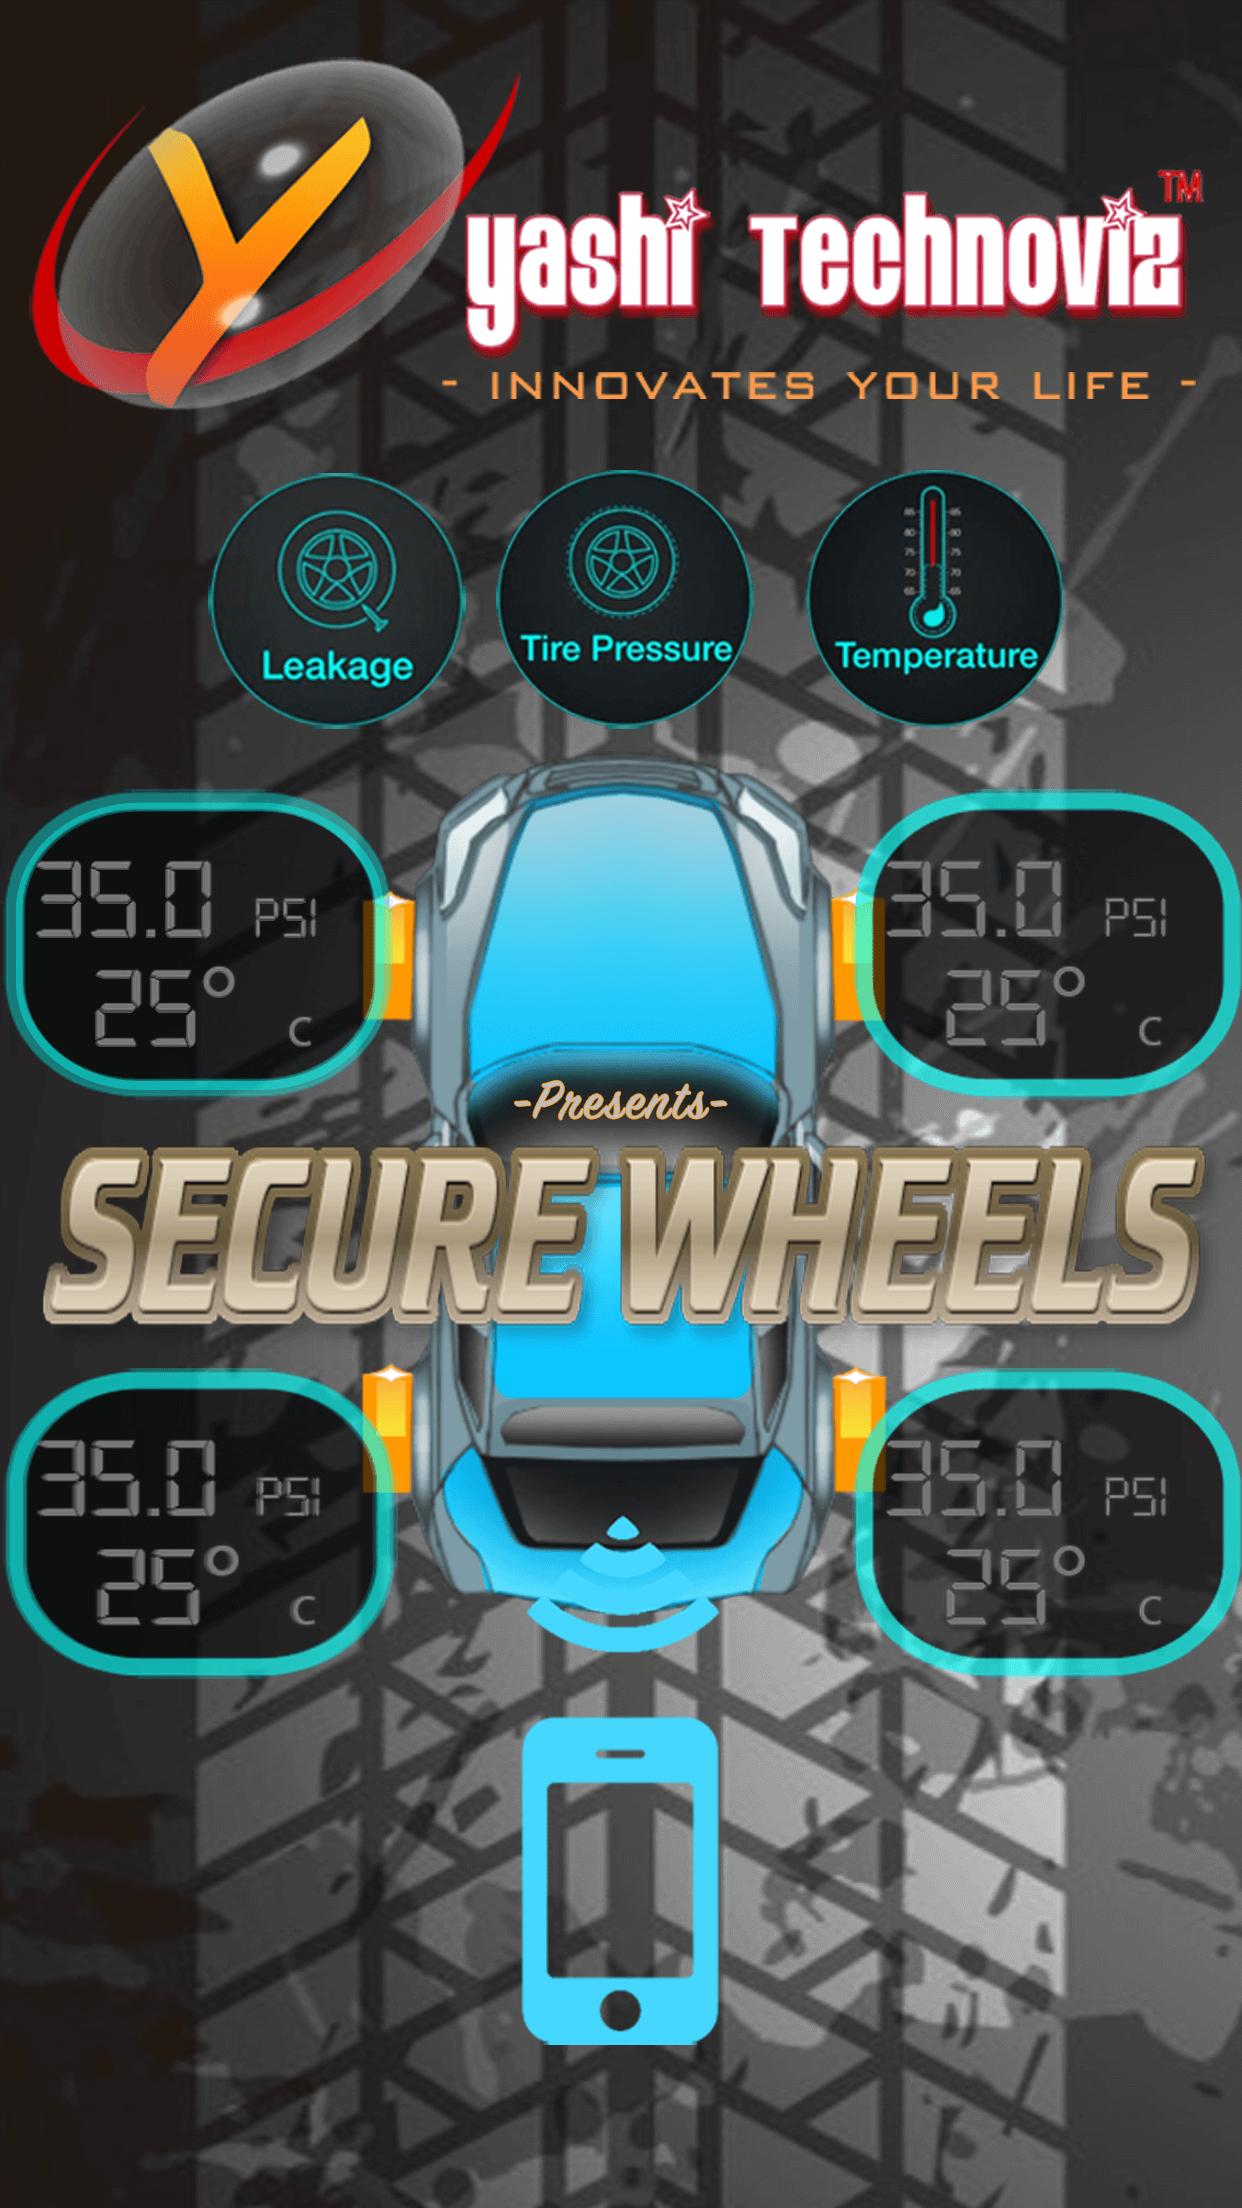 Secure Wheels